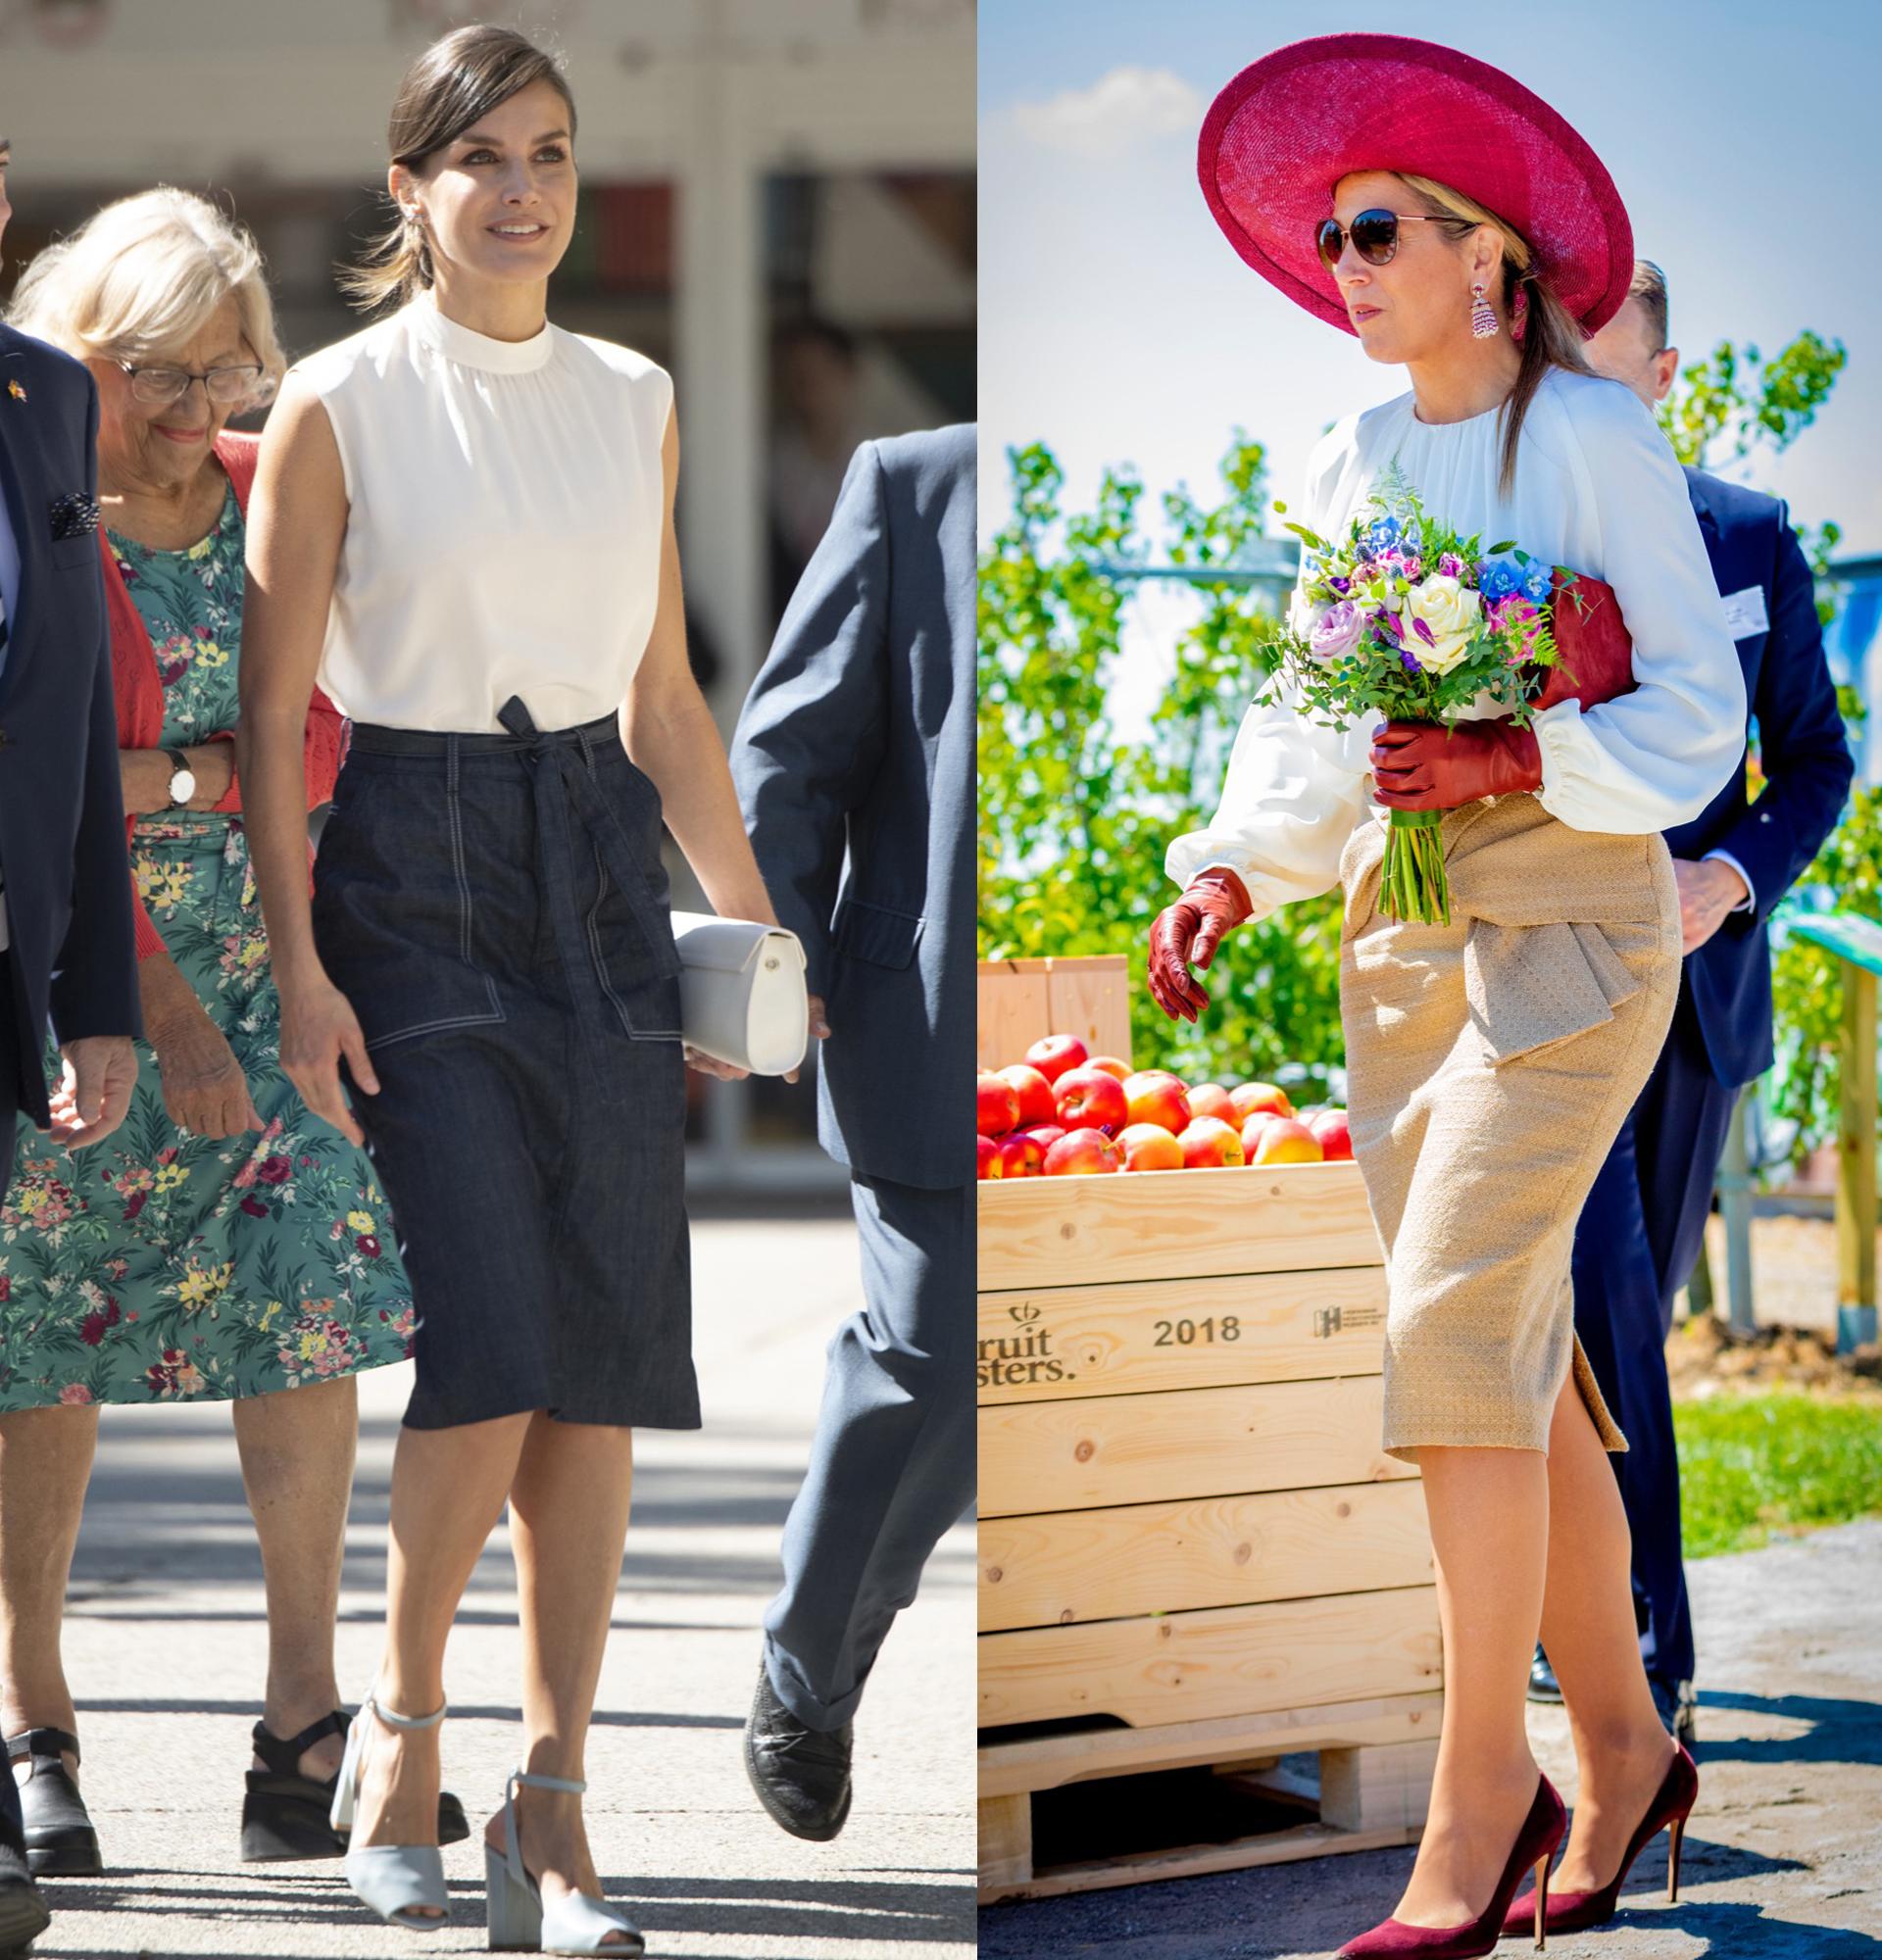 Las dos reinas eligieron blusas blancas con ligero drapeado en el frente y faldas midi.